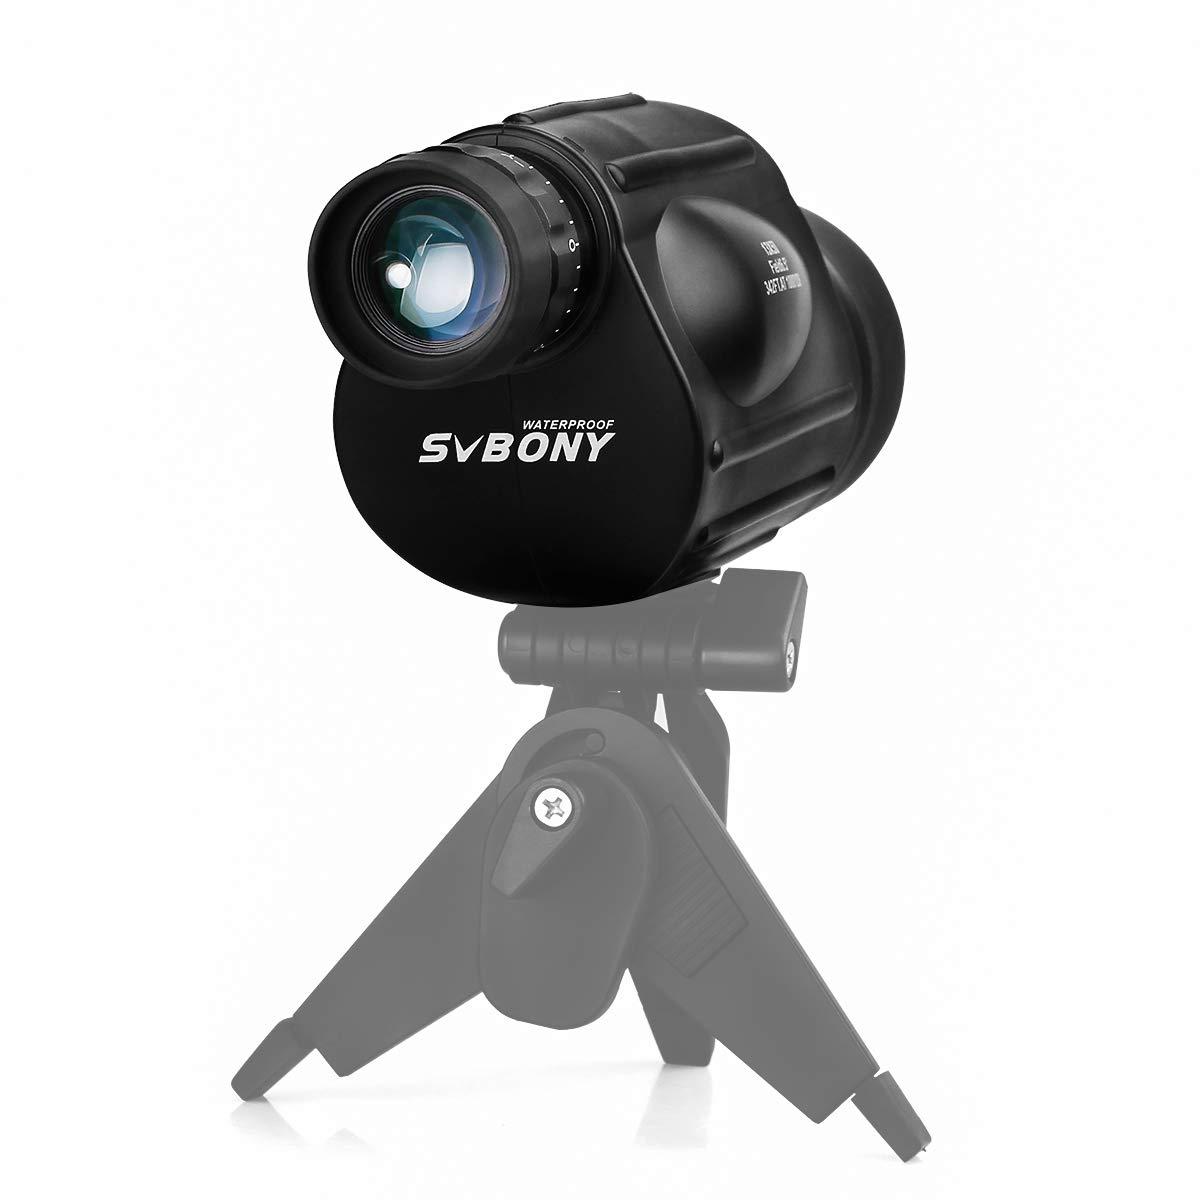 Svbony SV49 Monoculaire T/élescope 13x50 FMC Bak-4 Focalisation d/'Une Seule Main Monoculaire Puissant pour Observation des Oiseaux Camping Sport Concert